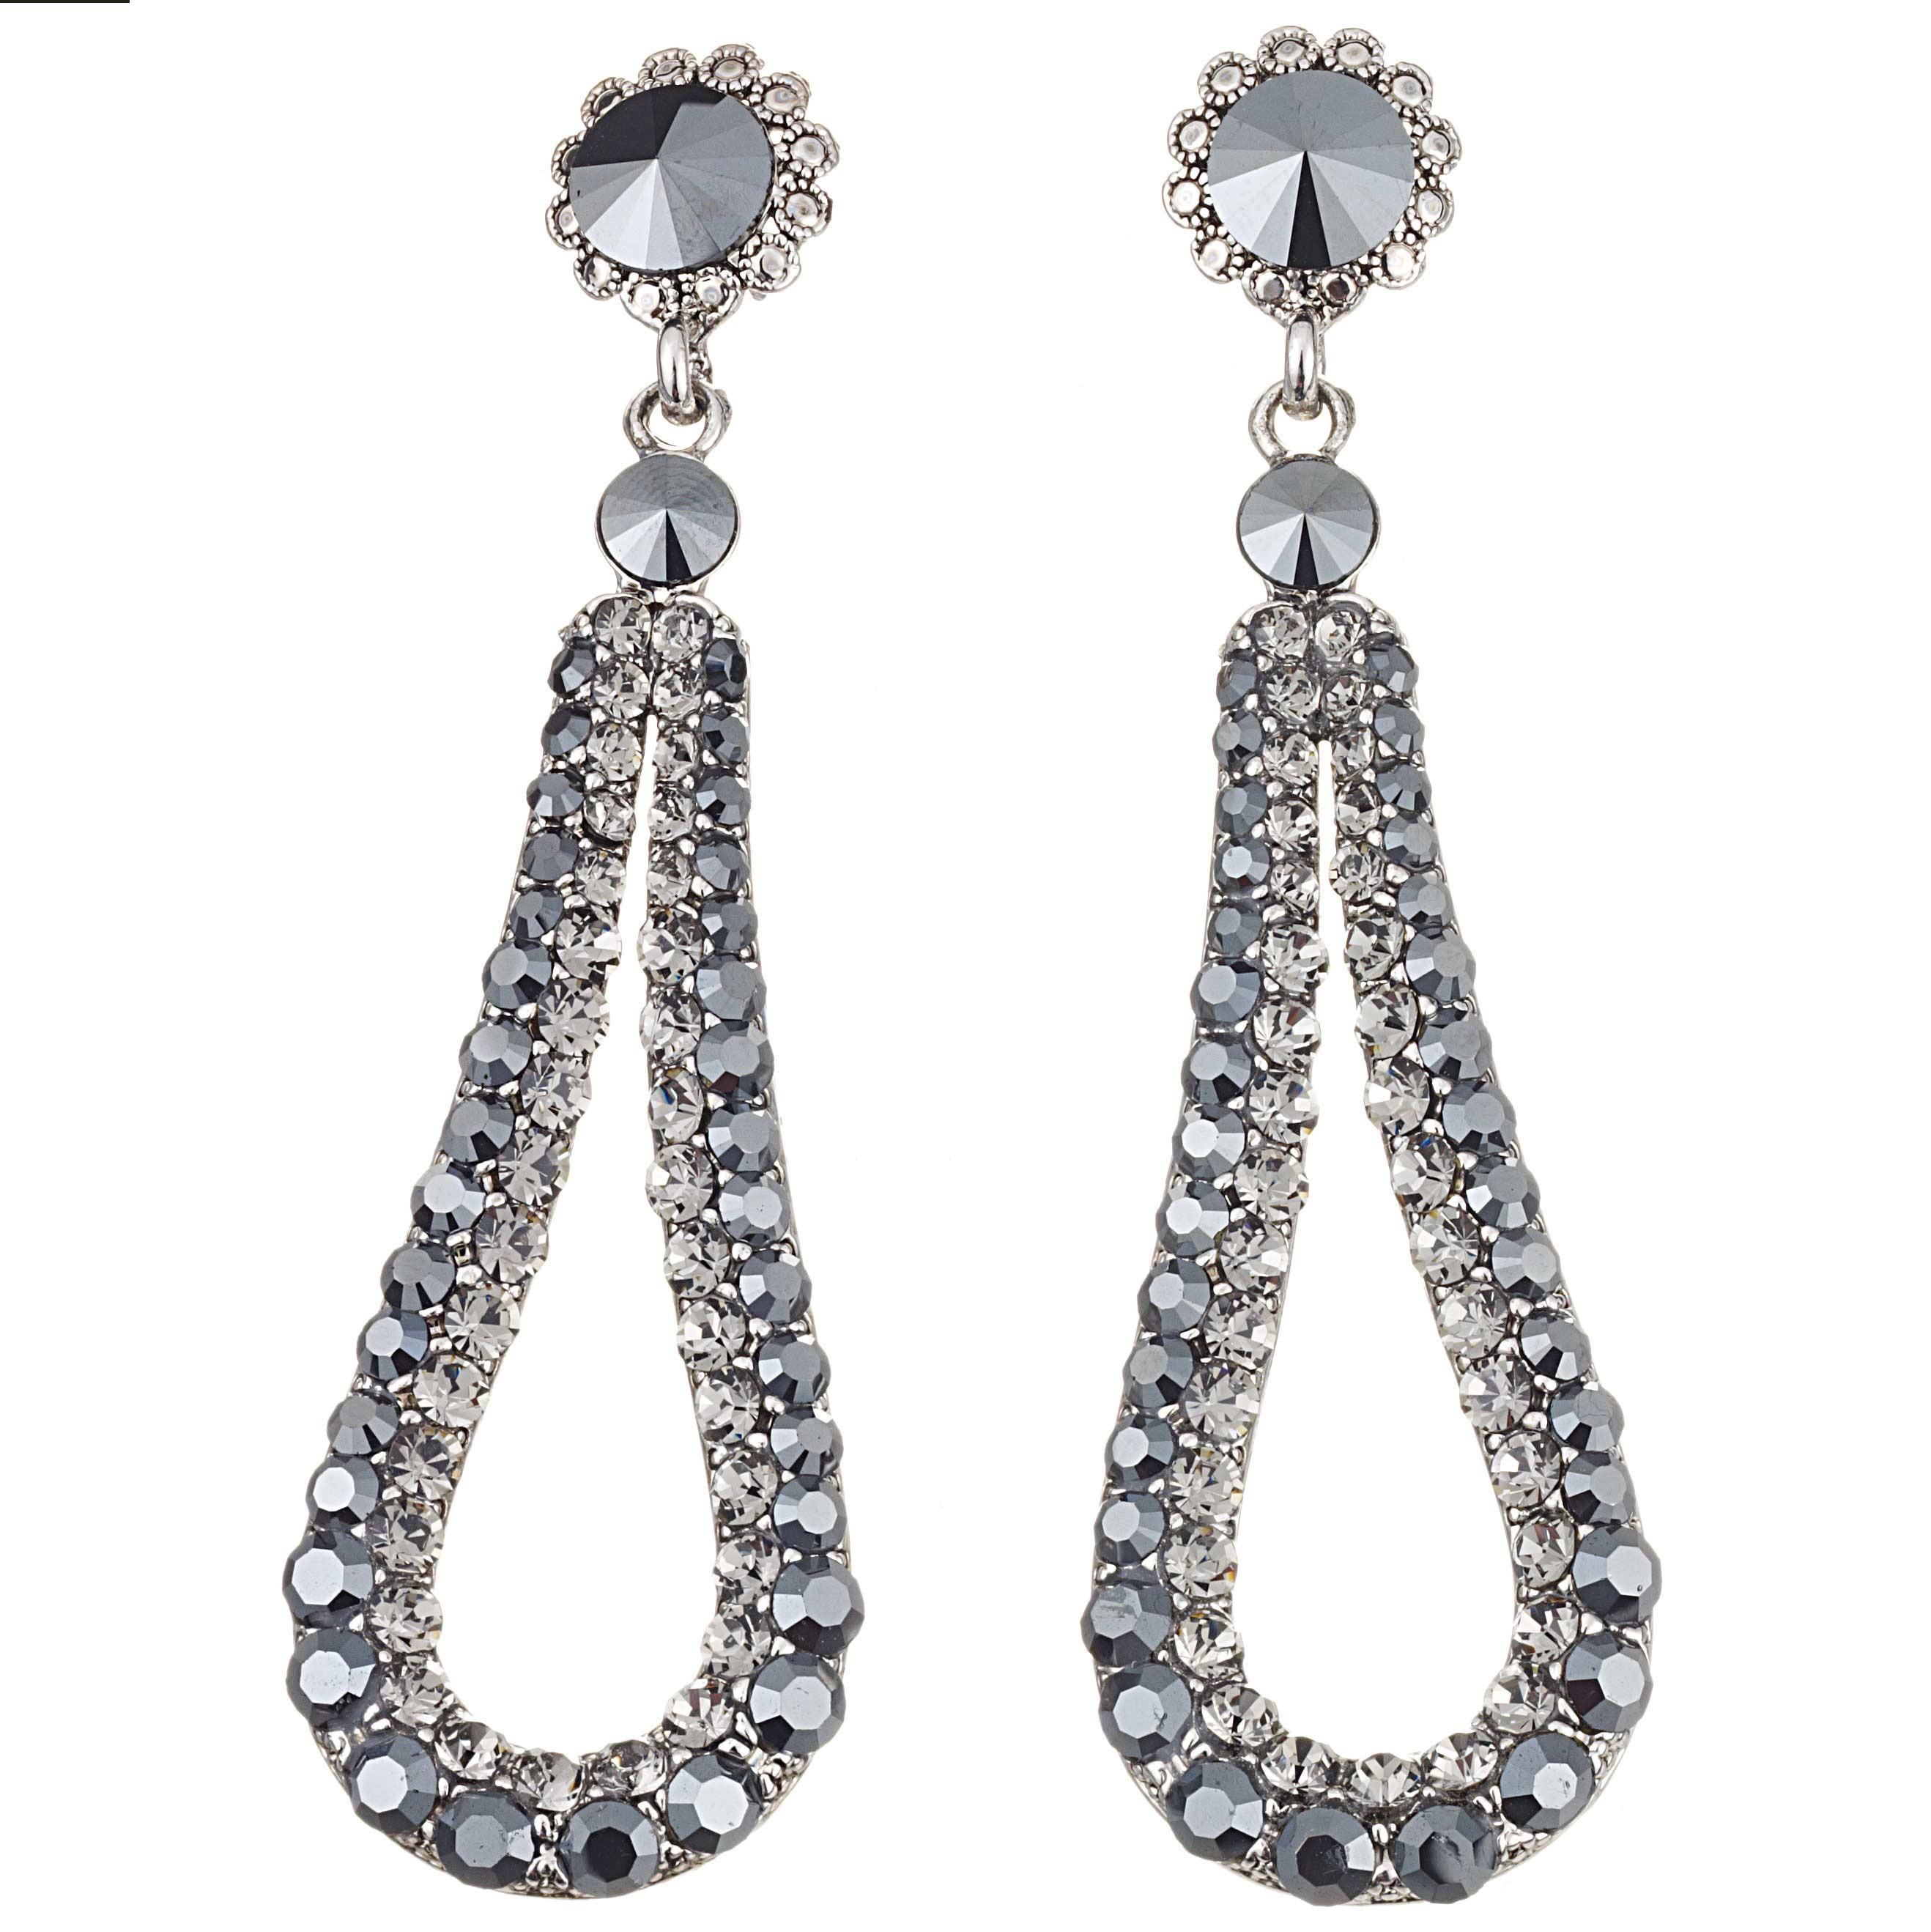 Fashion Loop Swing Earrings Swarovski Fashion Loop Swing Earrings Swarovski  Jet Black And Black Diamond Crystals